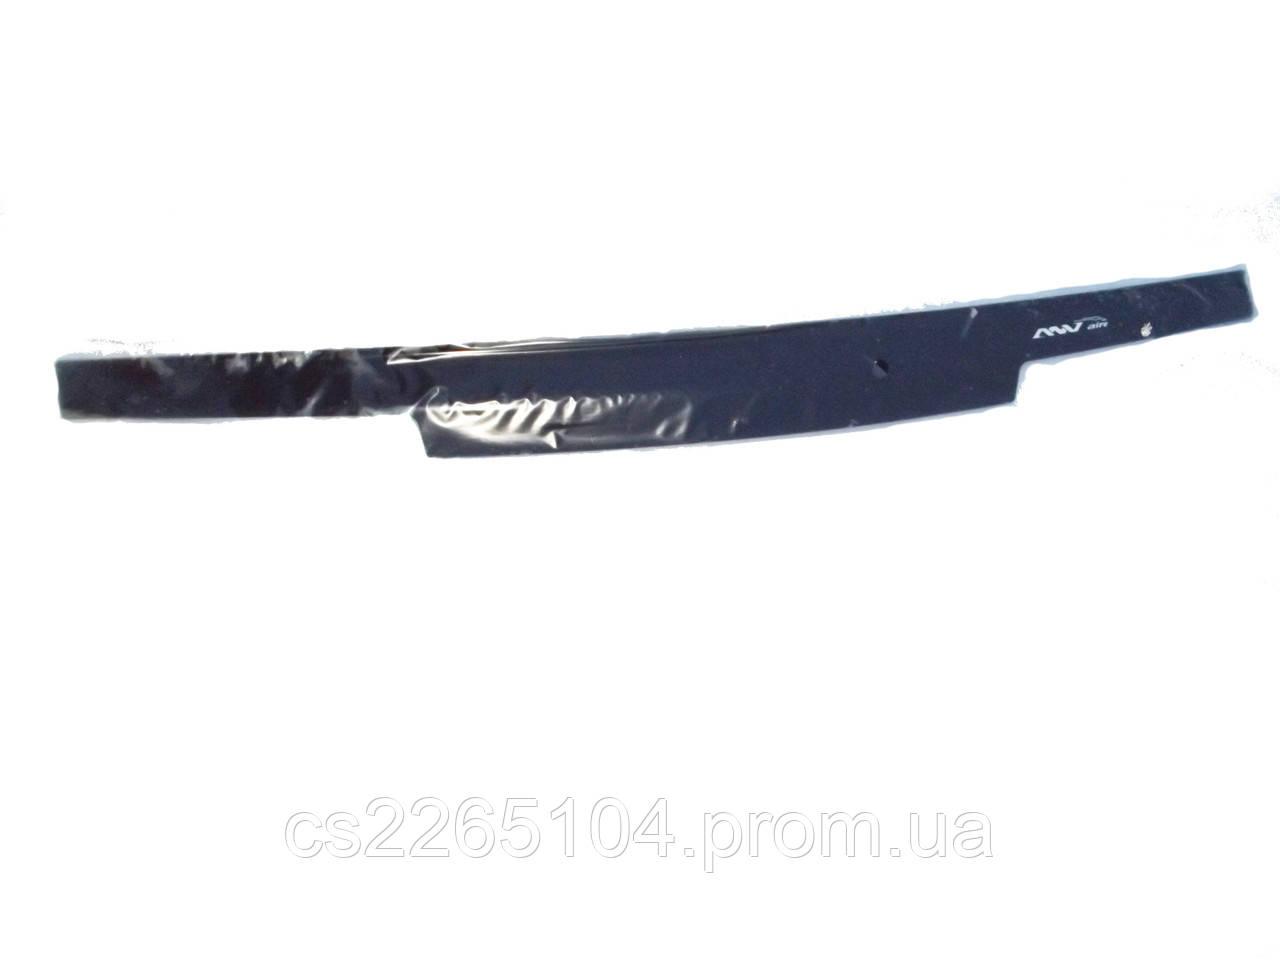 Дефлекторы капота ВАЗ 2106